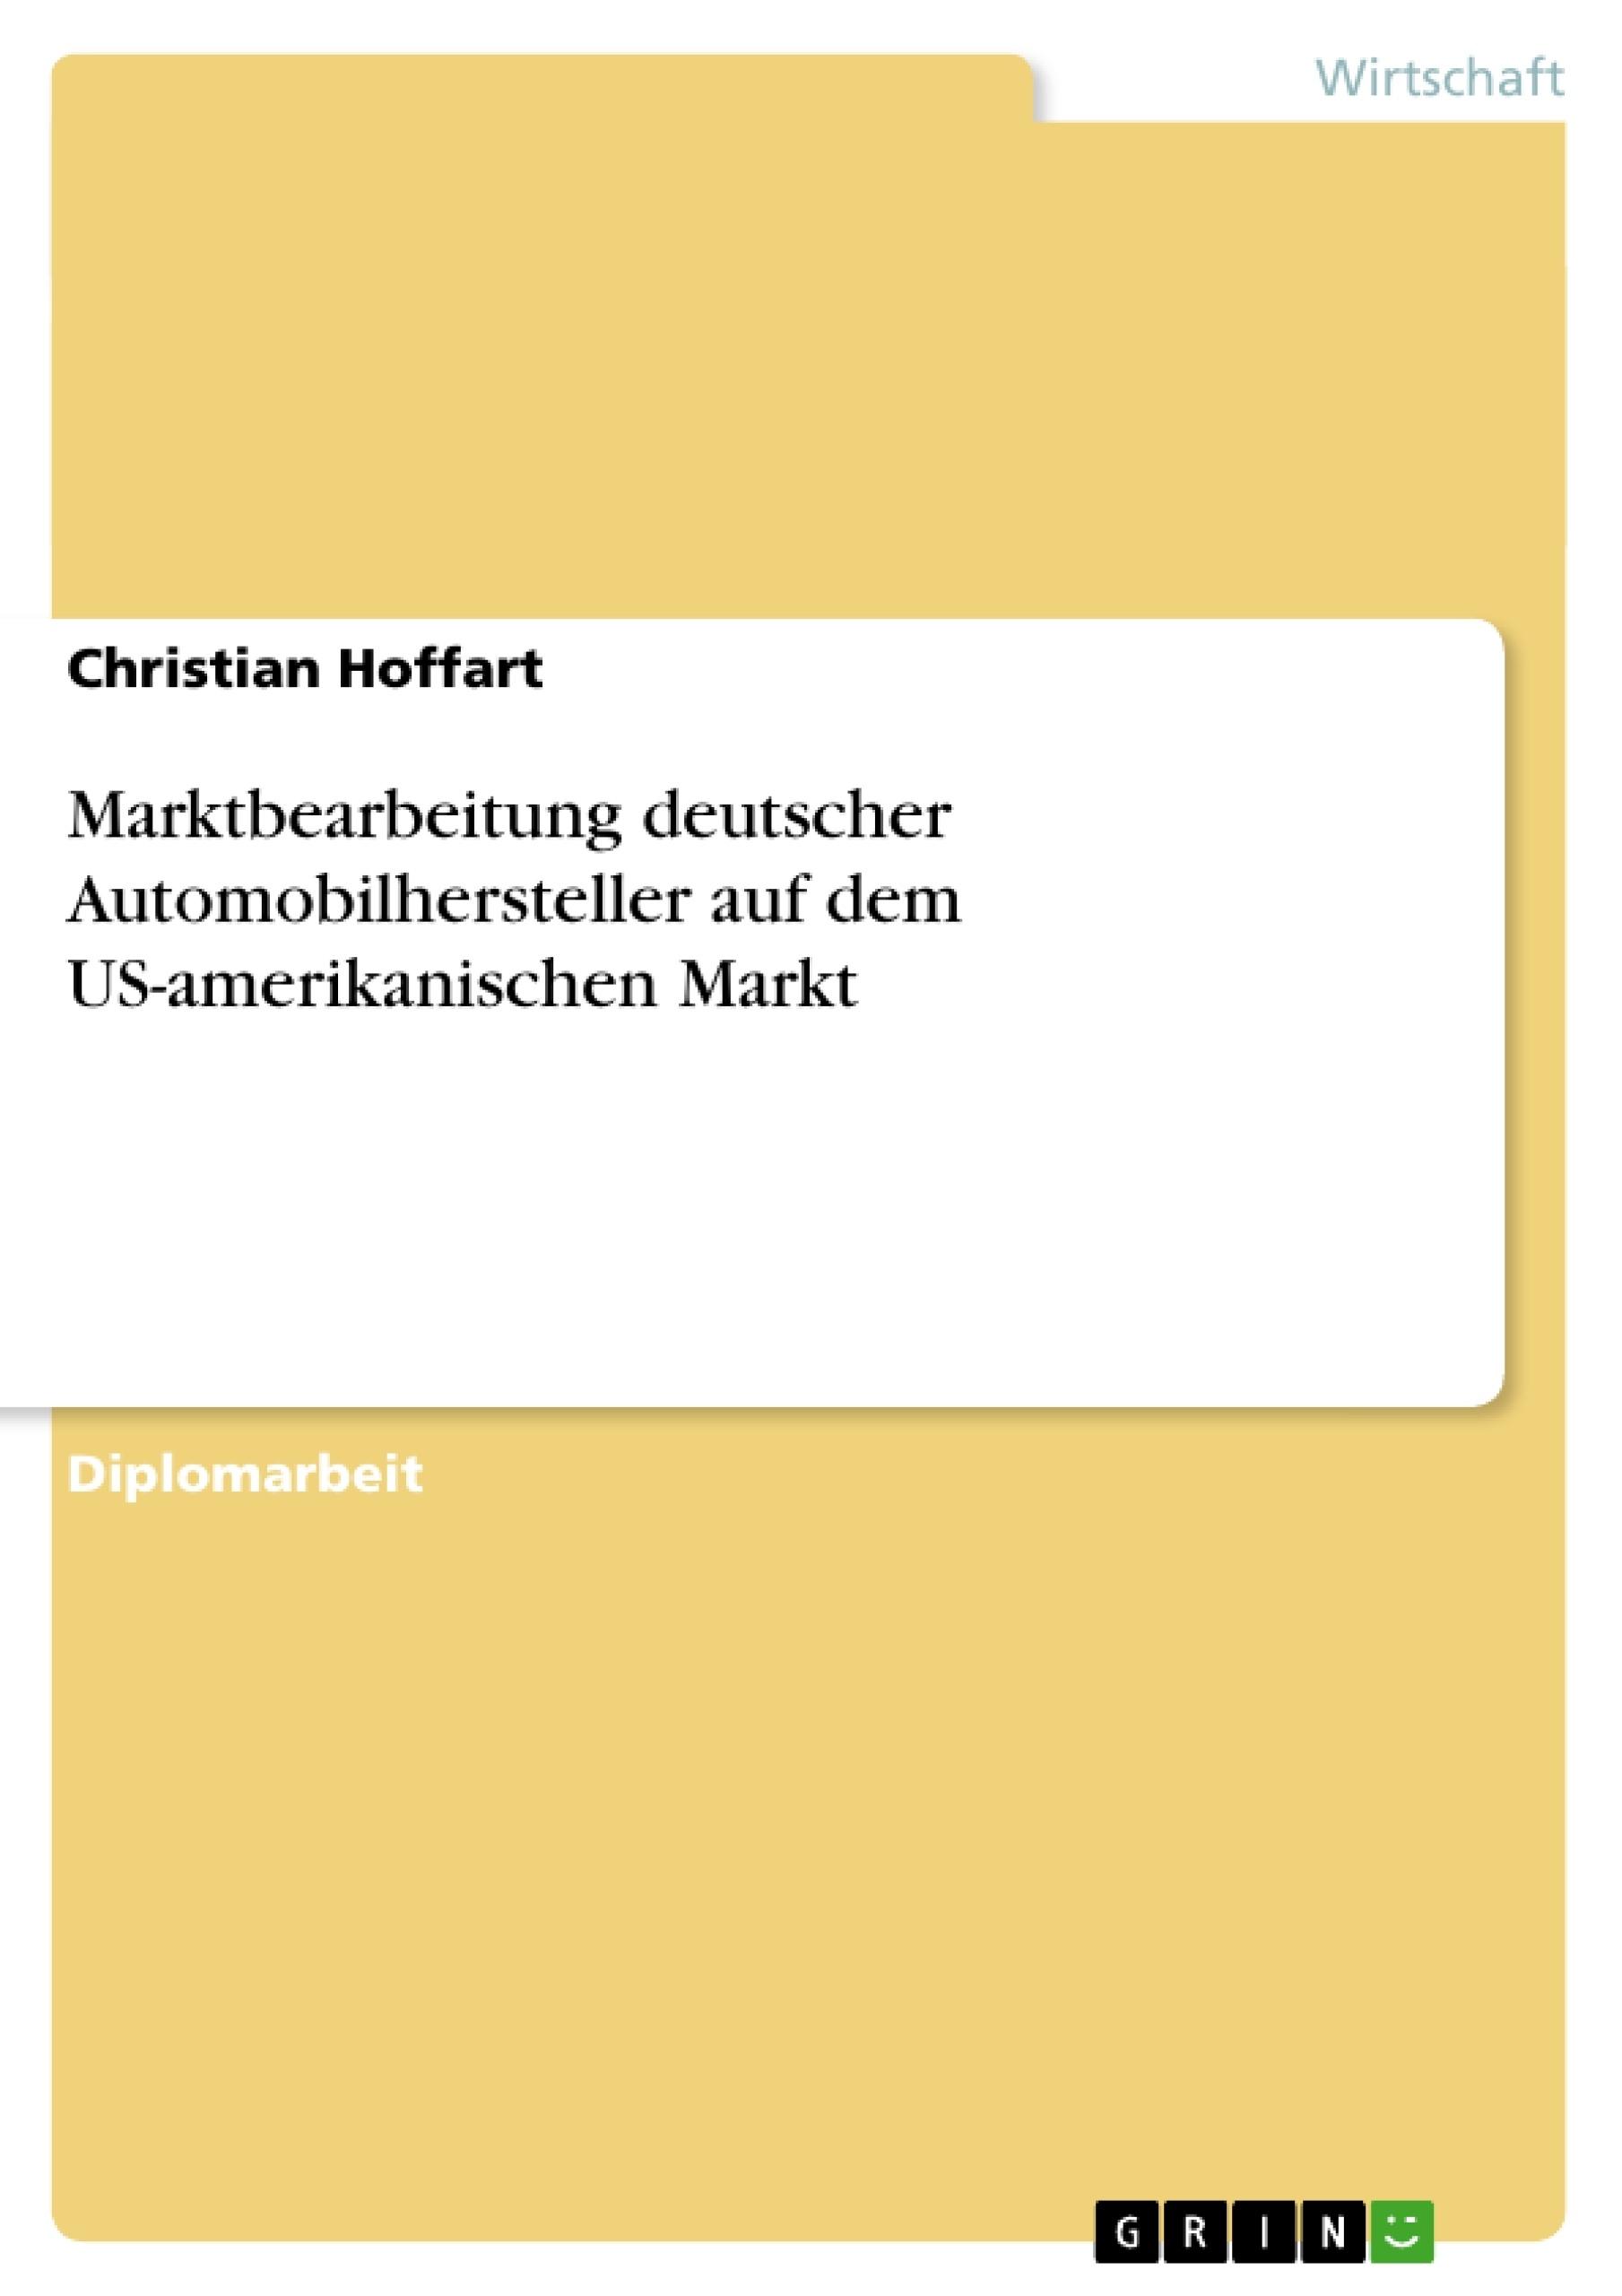 Titel: Marktbearbeitung deutscher Automobilhersteller auf dem US-amerikanischen Markt